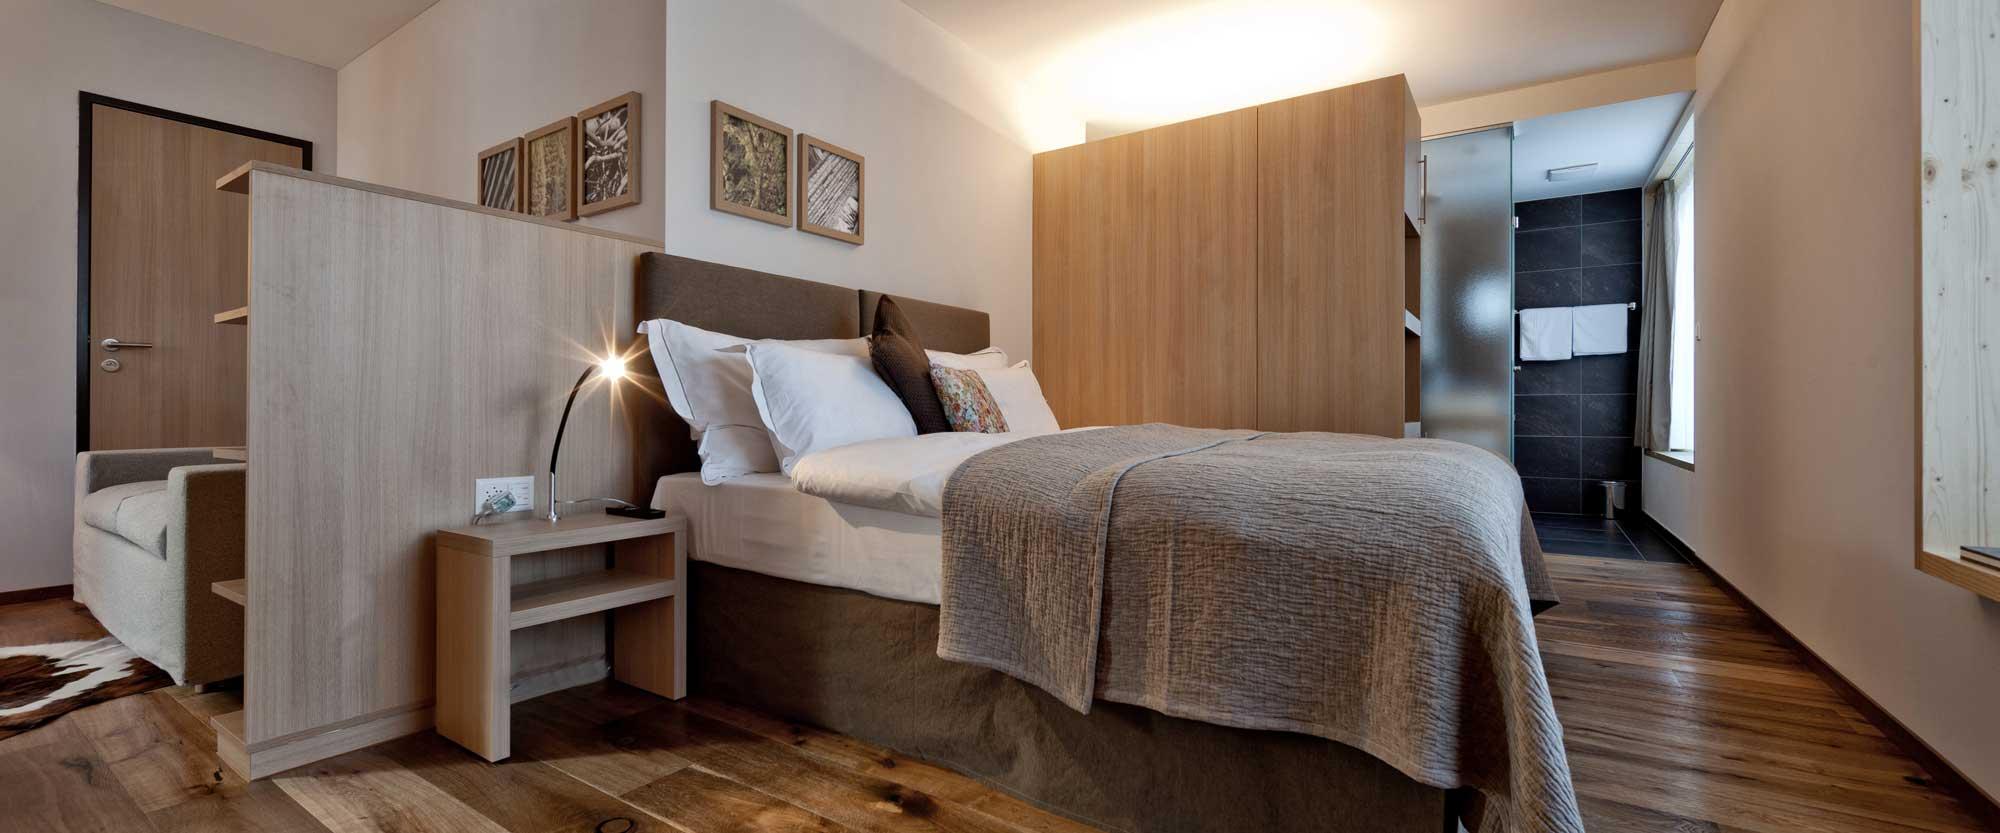 Valbella Resort Zimmer mit einem Bett